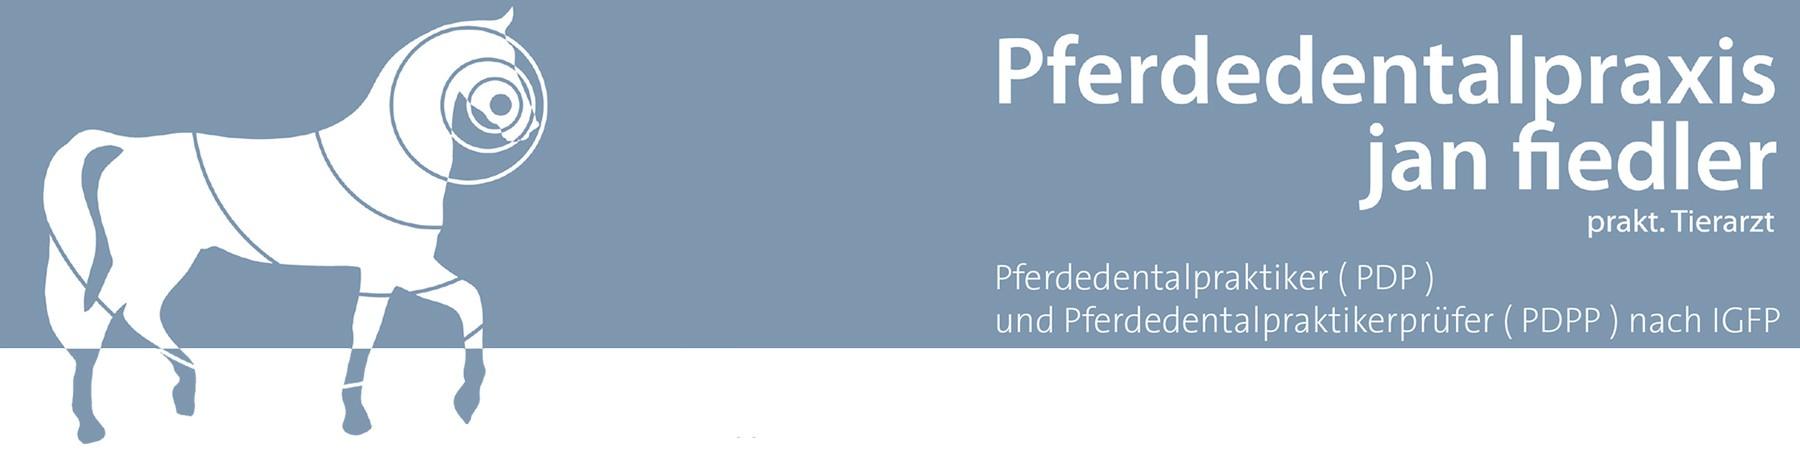 www.pferdedentalpraxis-fiedler.de